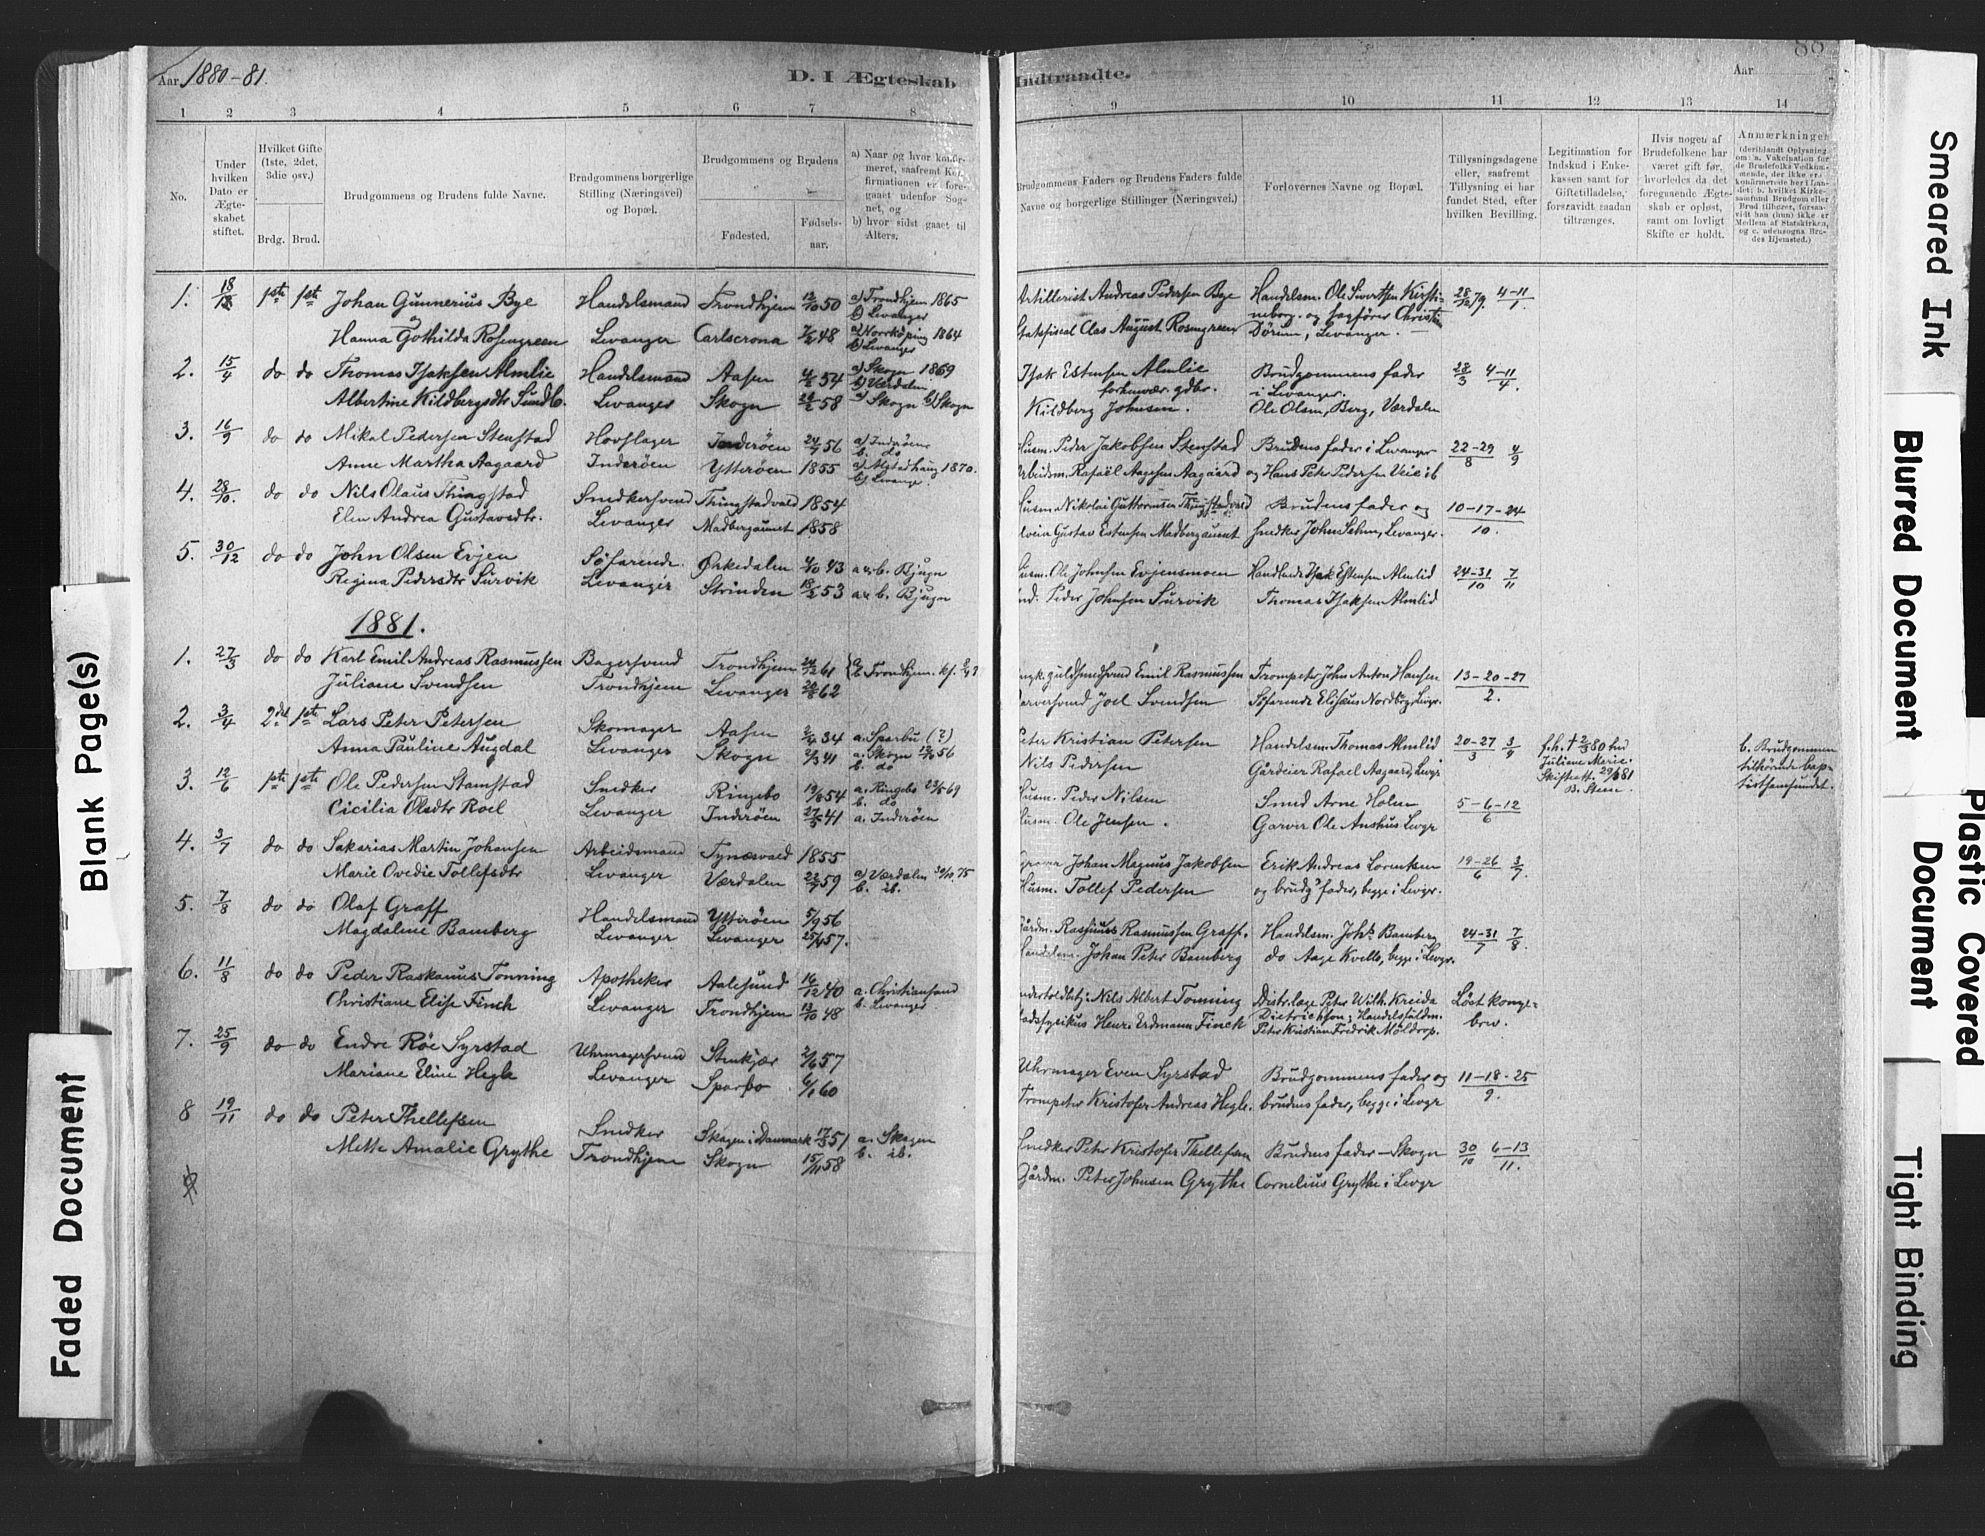 SAT, Ministerialprotokoller, klokkerbøker og fødselsregistre - Nord-Trøndelag, 720/L0189: Ministerialbok nr. 720A05, 1880-1911, s. 88